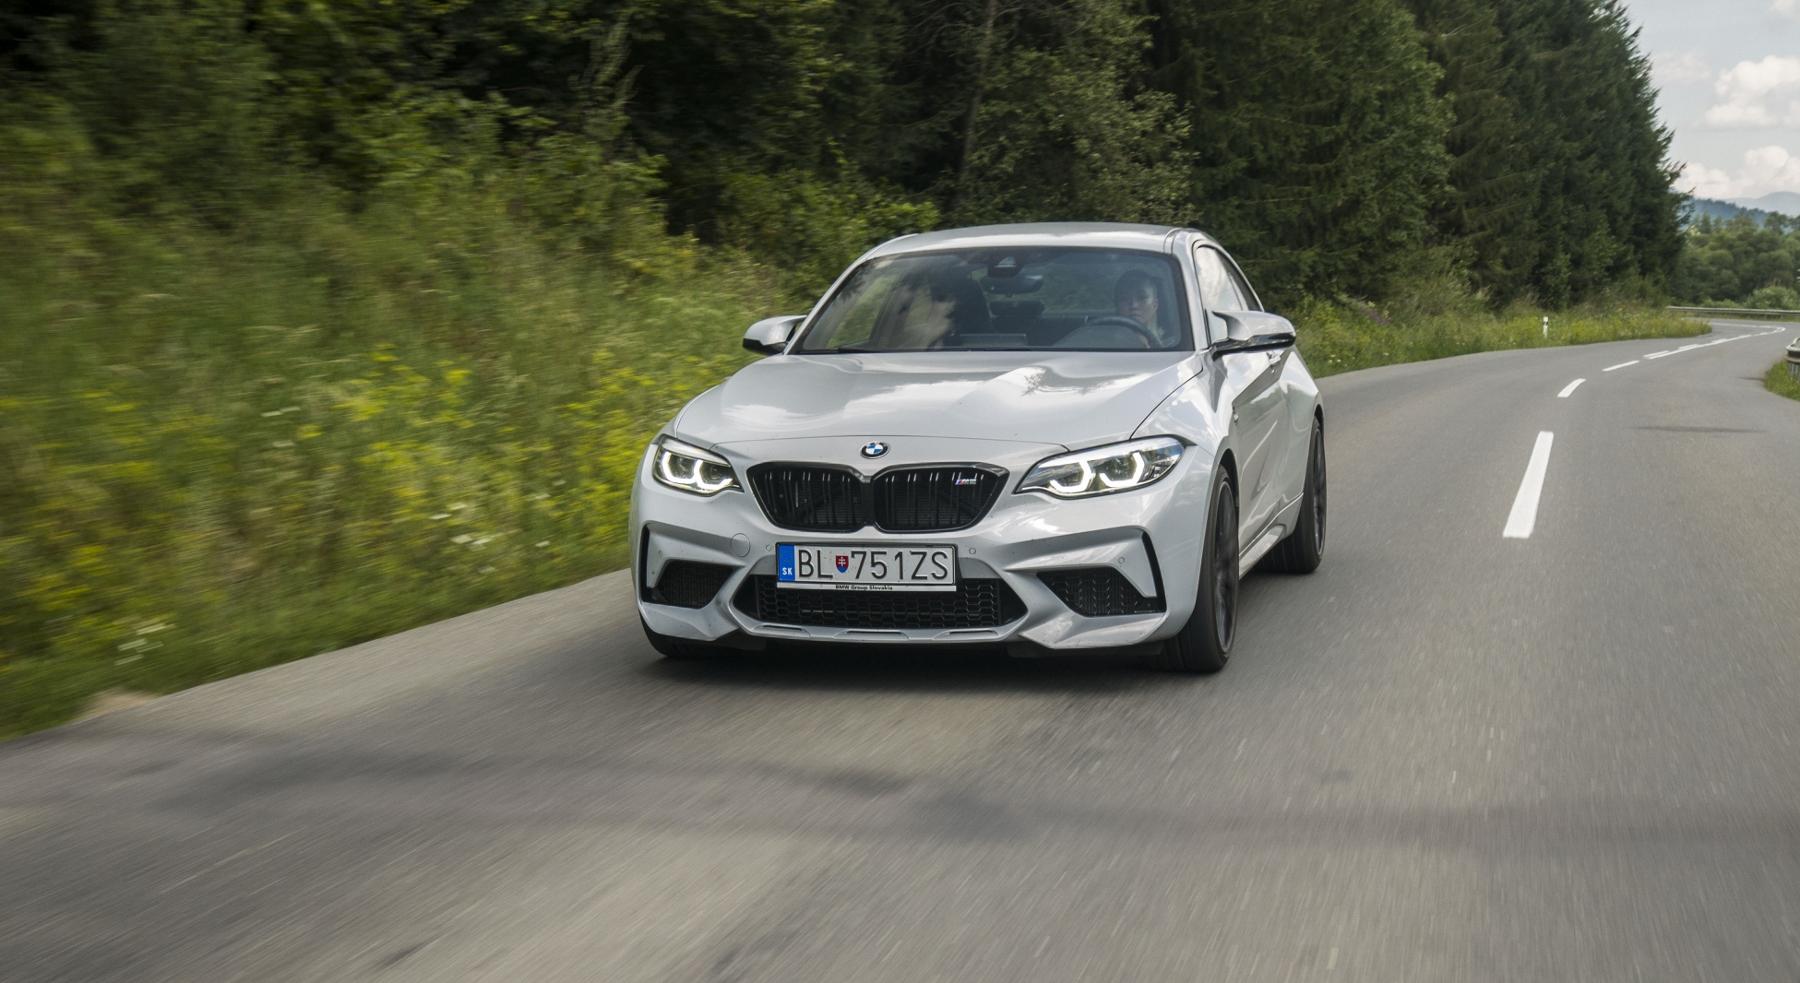 Test: BMW M2 Competition je nálož plná zábavy e8al4aHk1c bmw-m2-23